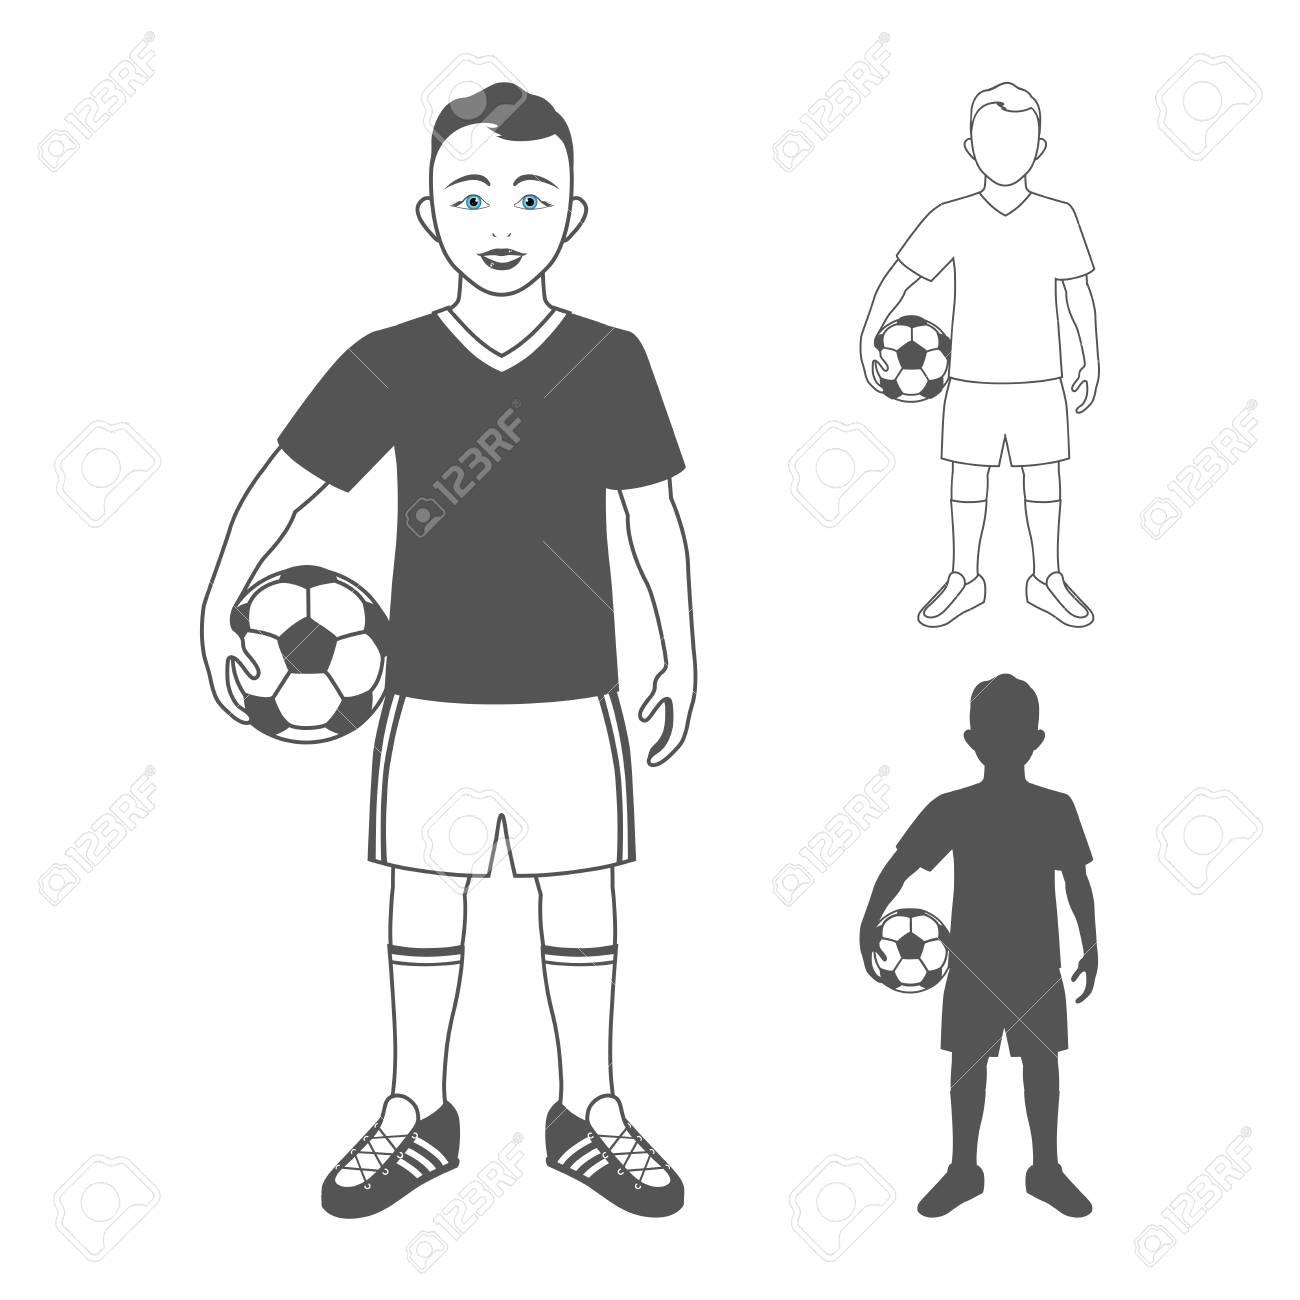 Foto de archivo - Retrato de cuerpo entero de un niño en ropa deportiva  sosteniendo un balón de fútbol. Niño de pie y sonriente f09dc8bc2b39e